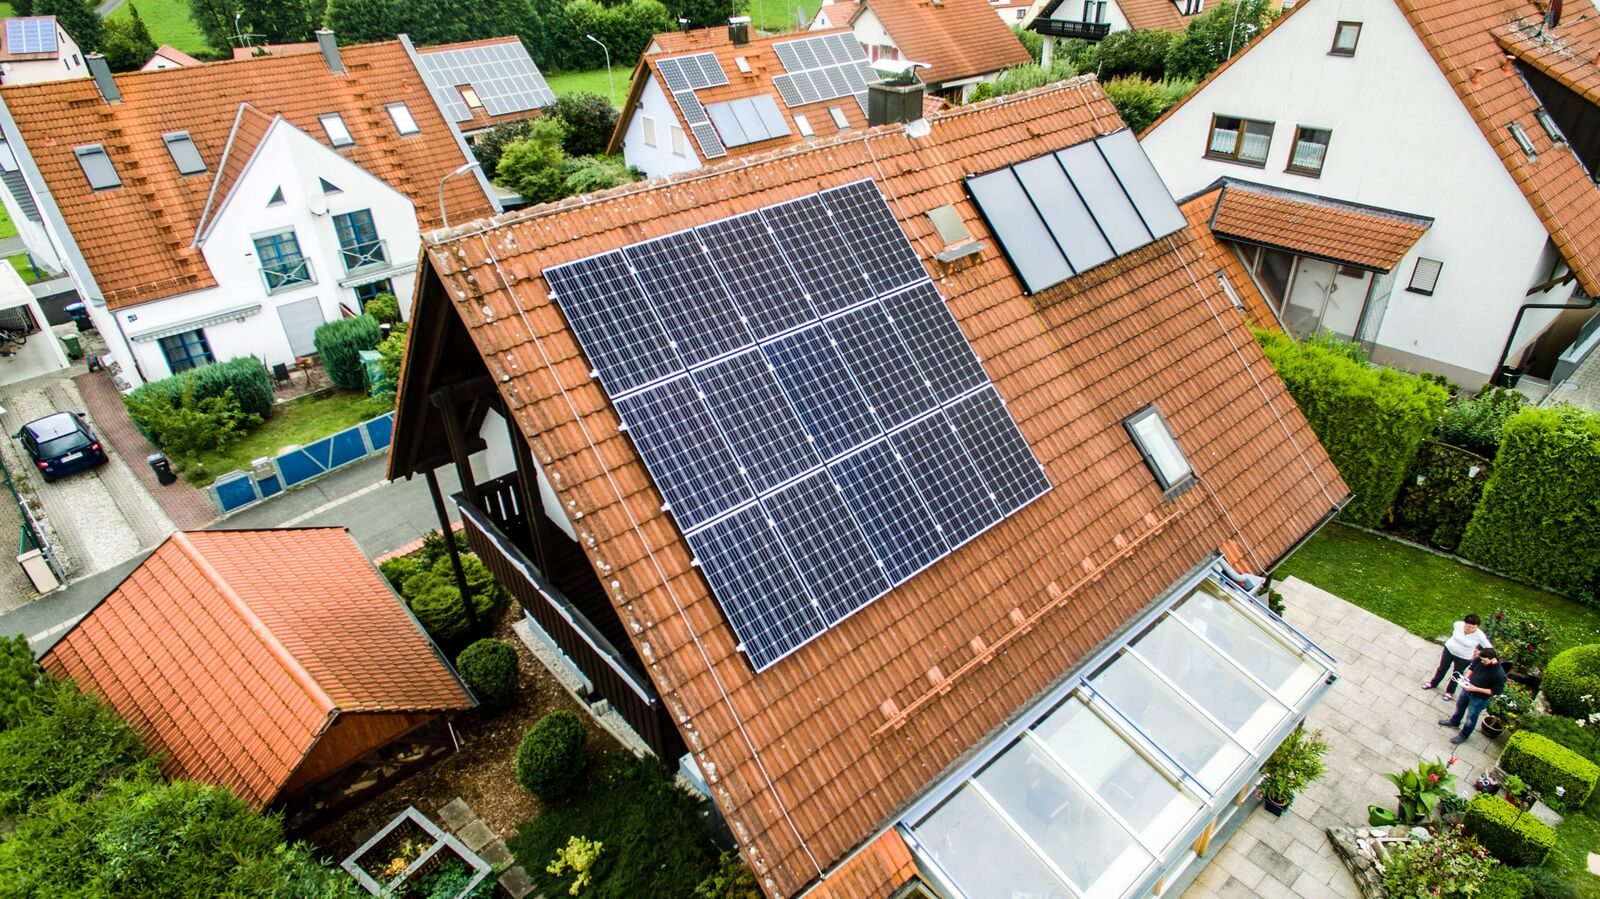 Wärmepumpe Erdwärme und Solar in Neunkirchen am Sand und Schnaittach Simmelsdorf und Hüttenbach